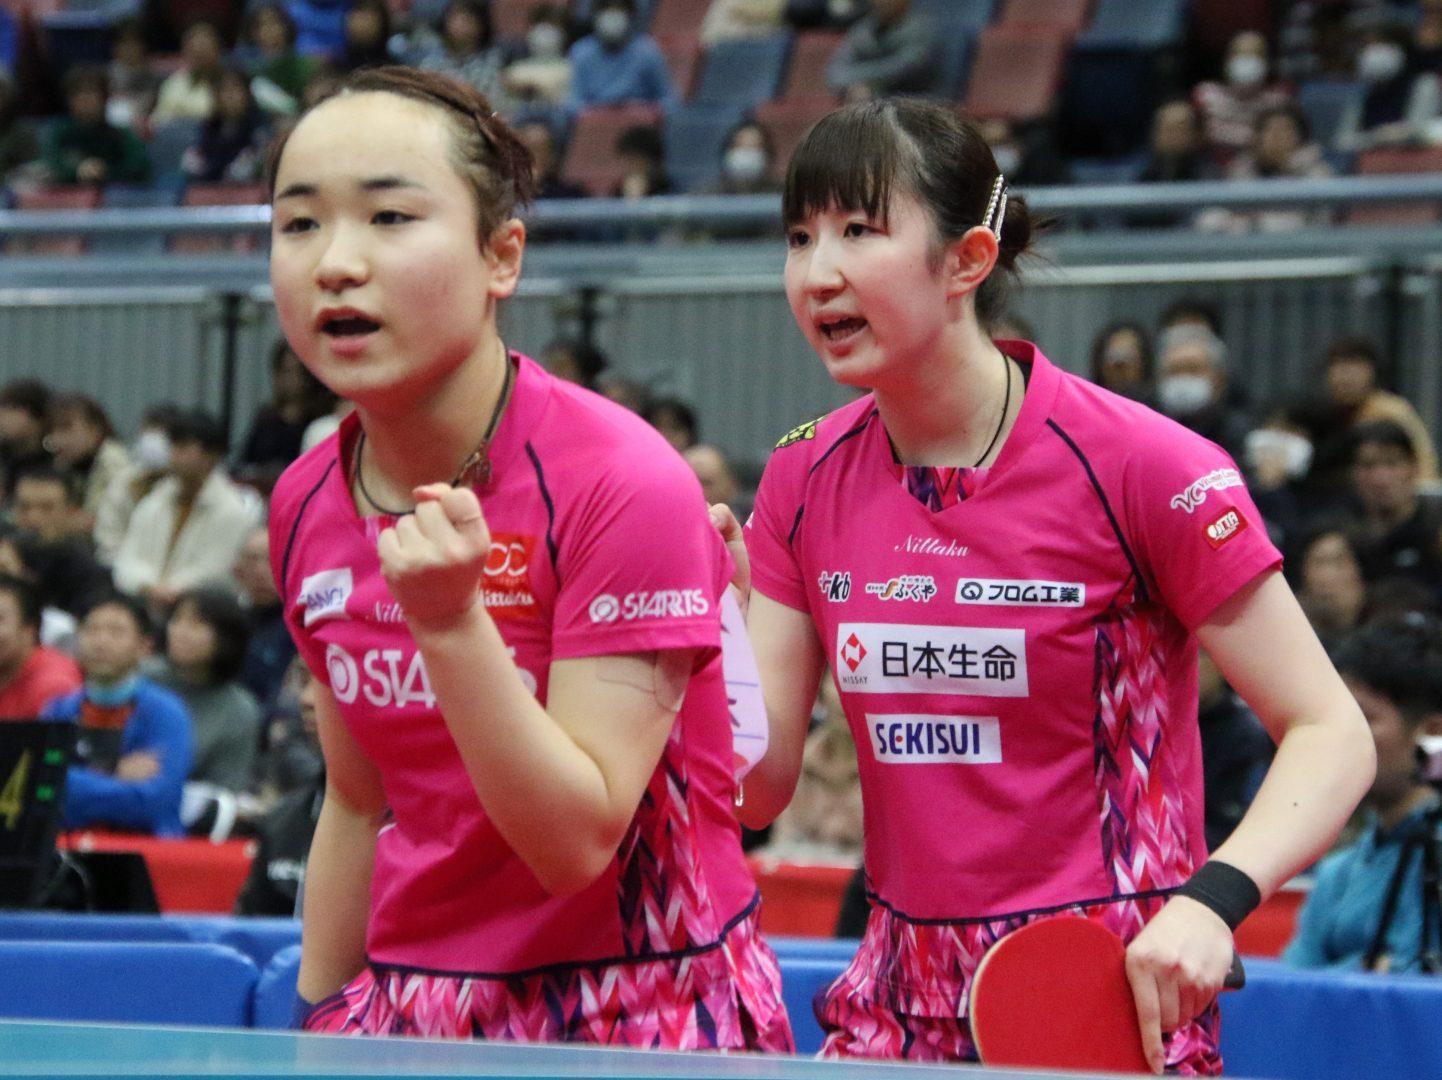 みまひなペア、落ち着きみせて逆転 3連覇目指し6日目へ<全日本卓球2020・女子複>